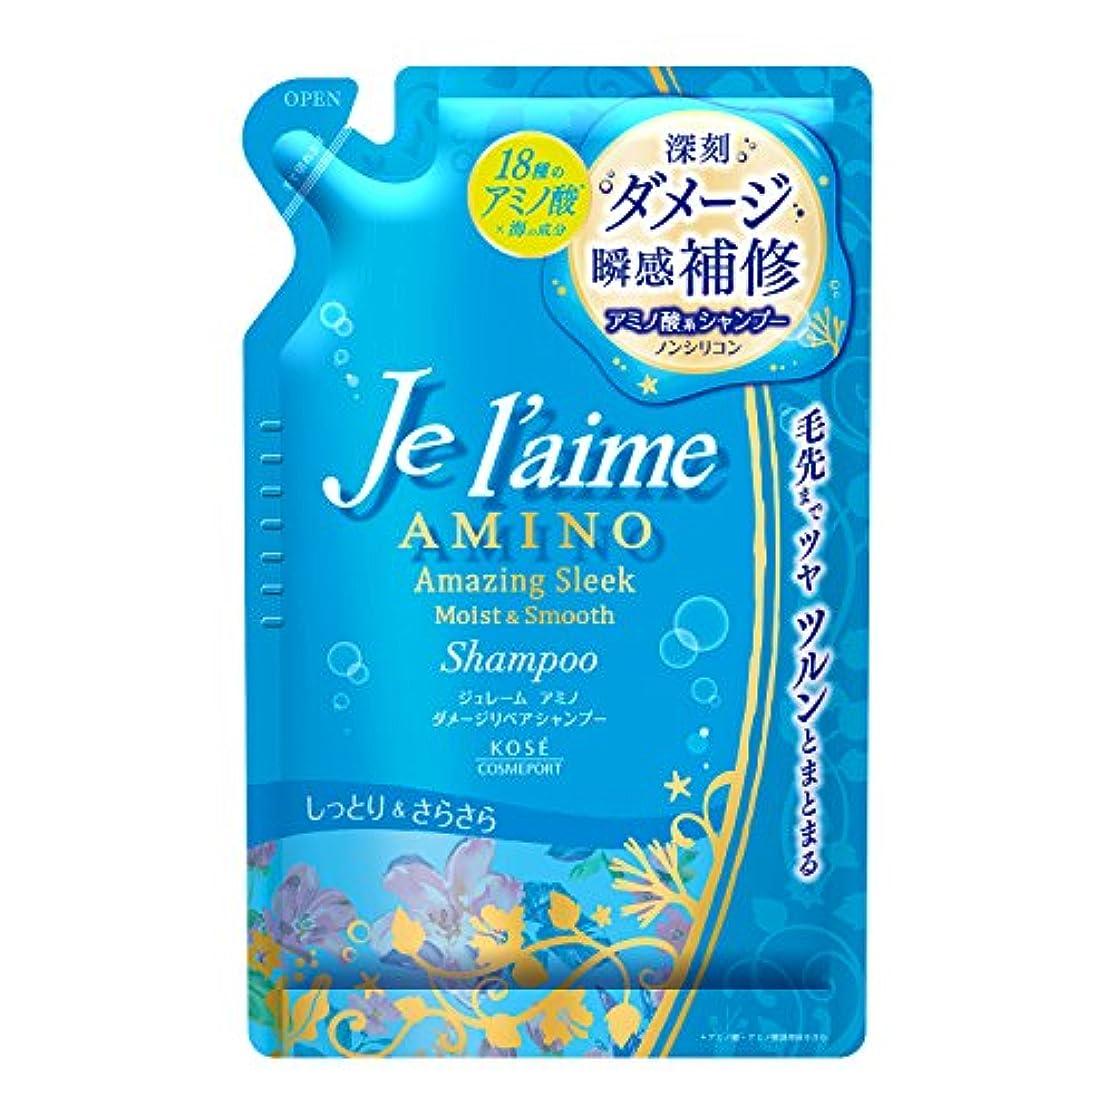 できる豊かな真夜中KOSE コーセー ジュレーム アミノ ダメージ リペア シャンプー ノンシリコン アミノ酸 配合 (モイスト & スムース) つめかえ 400ml